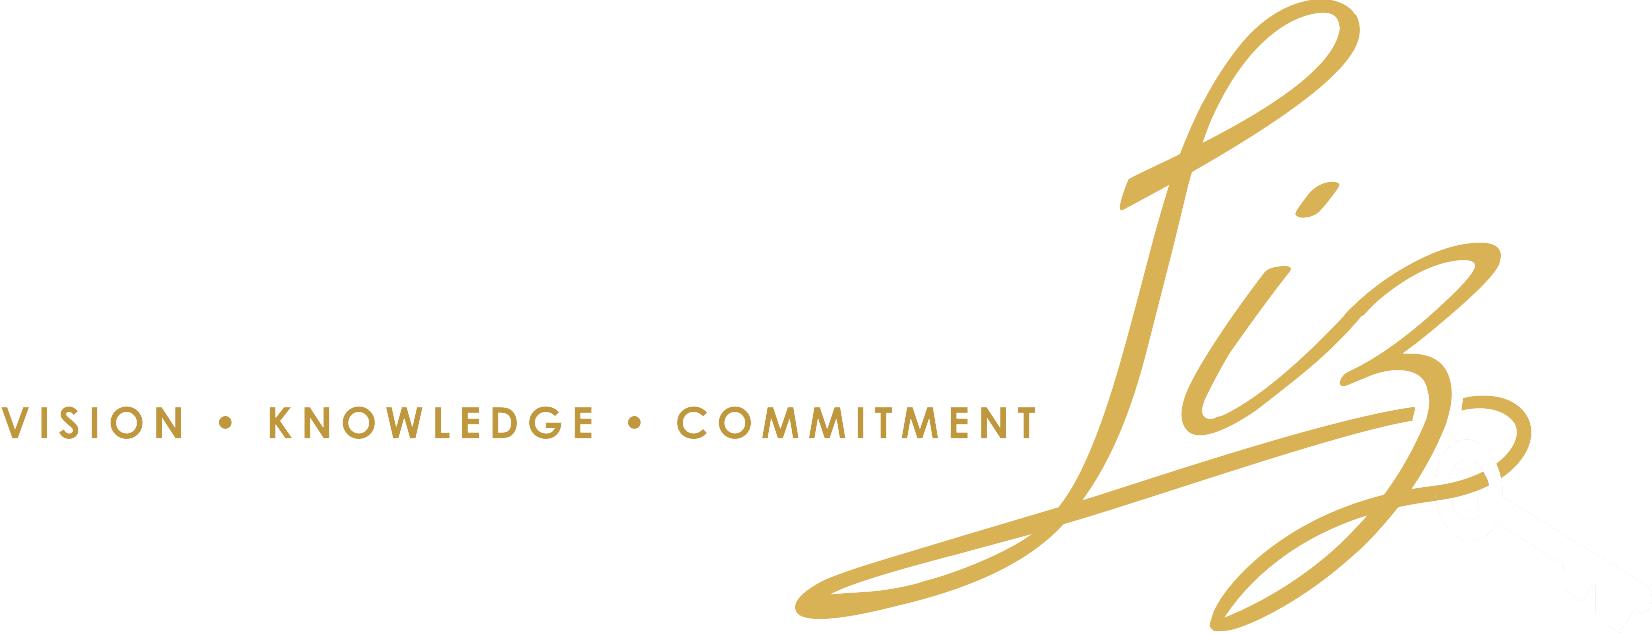 Real Estate Liz logo